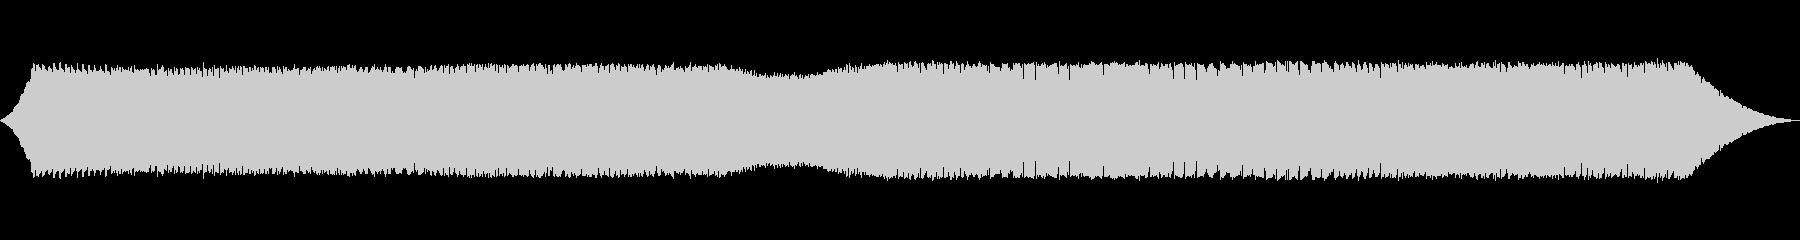 変化する銃声音の未再生の波形